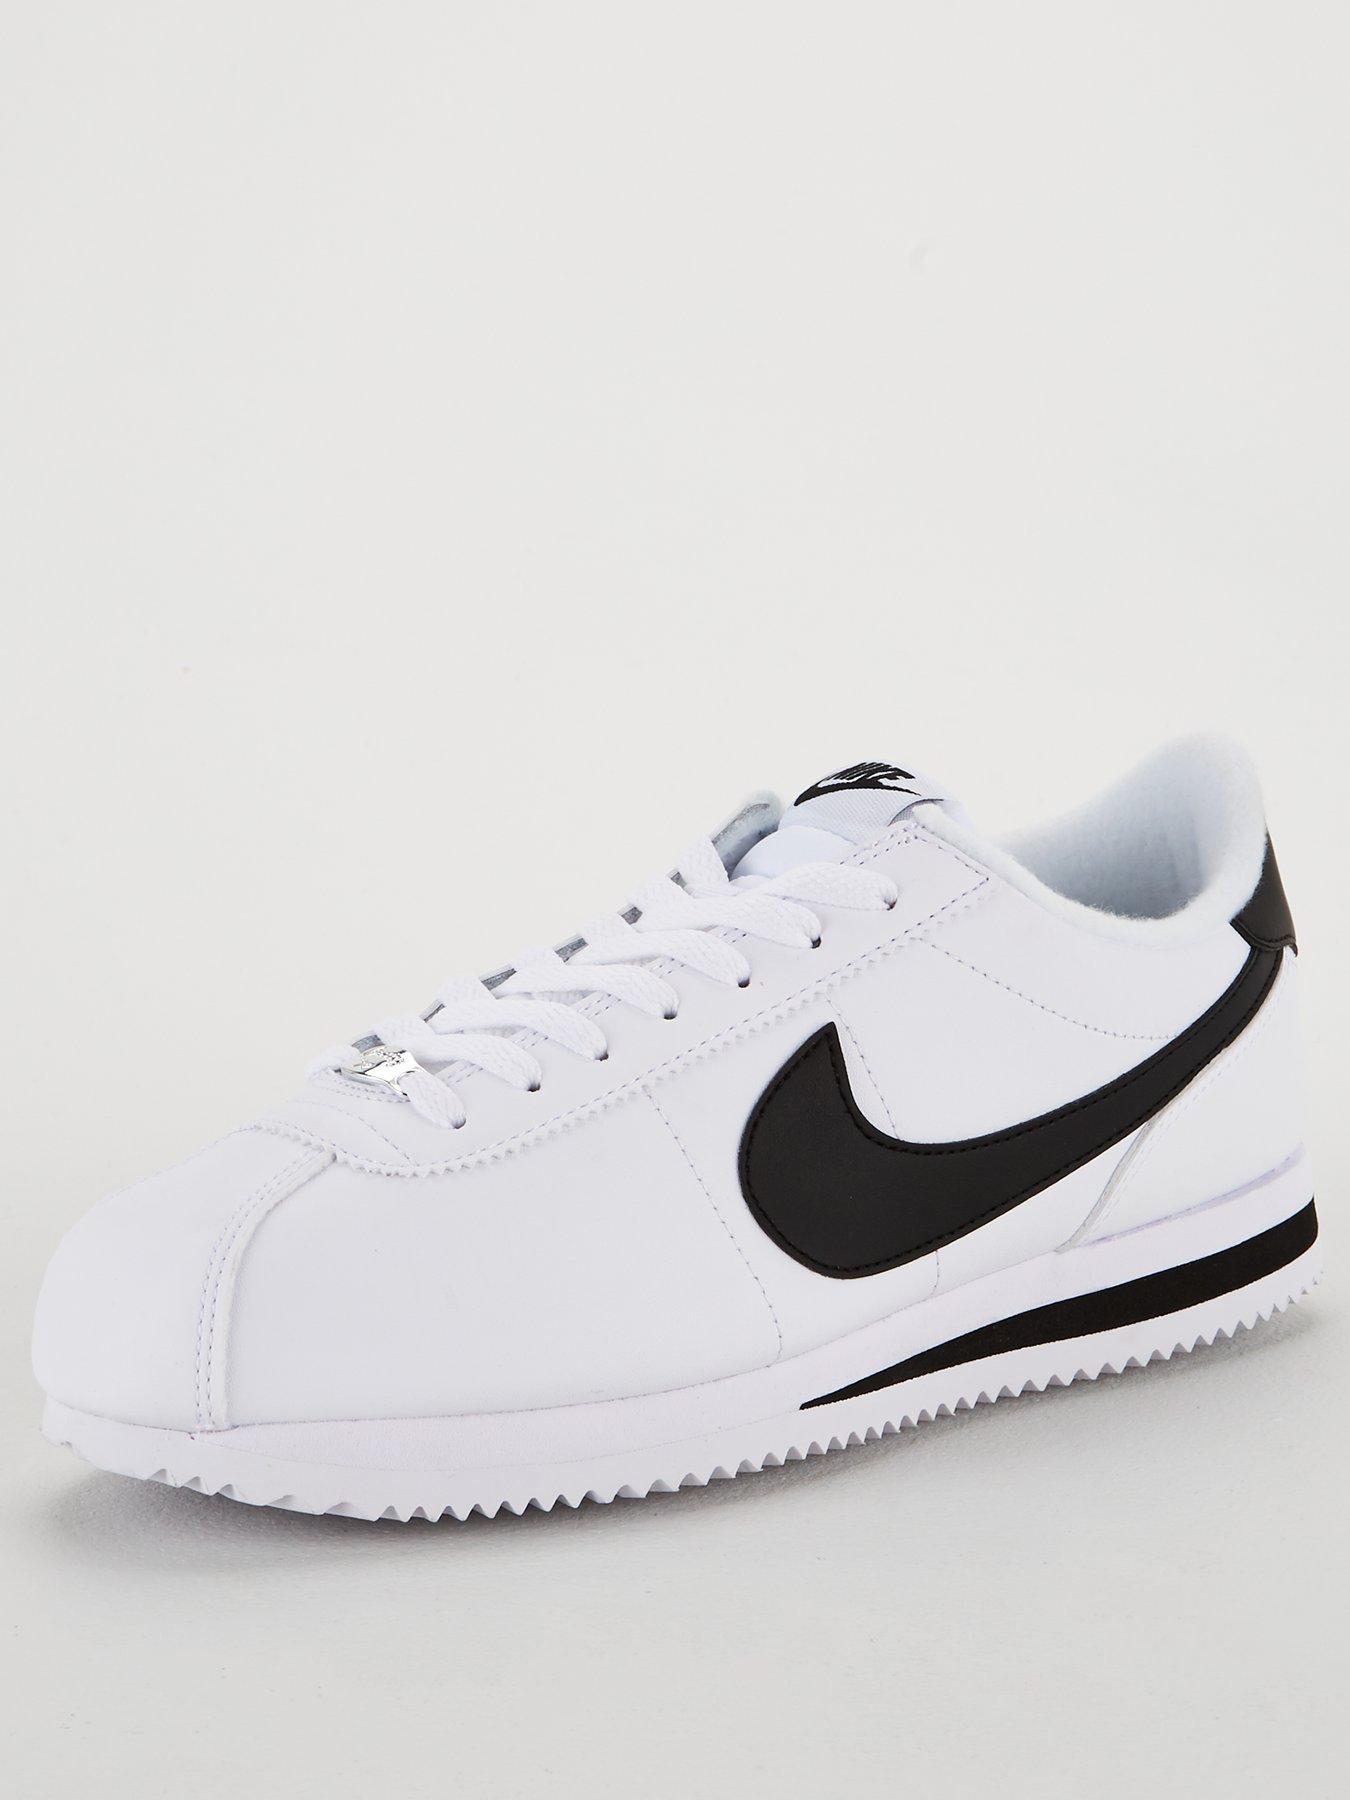 Nike Cortez Basic Leather - White/Black